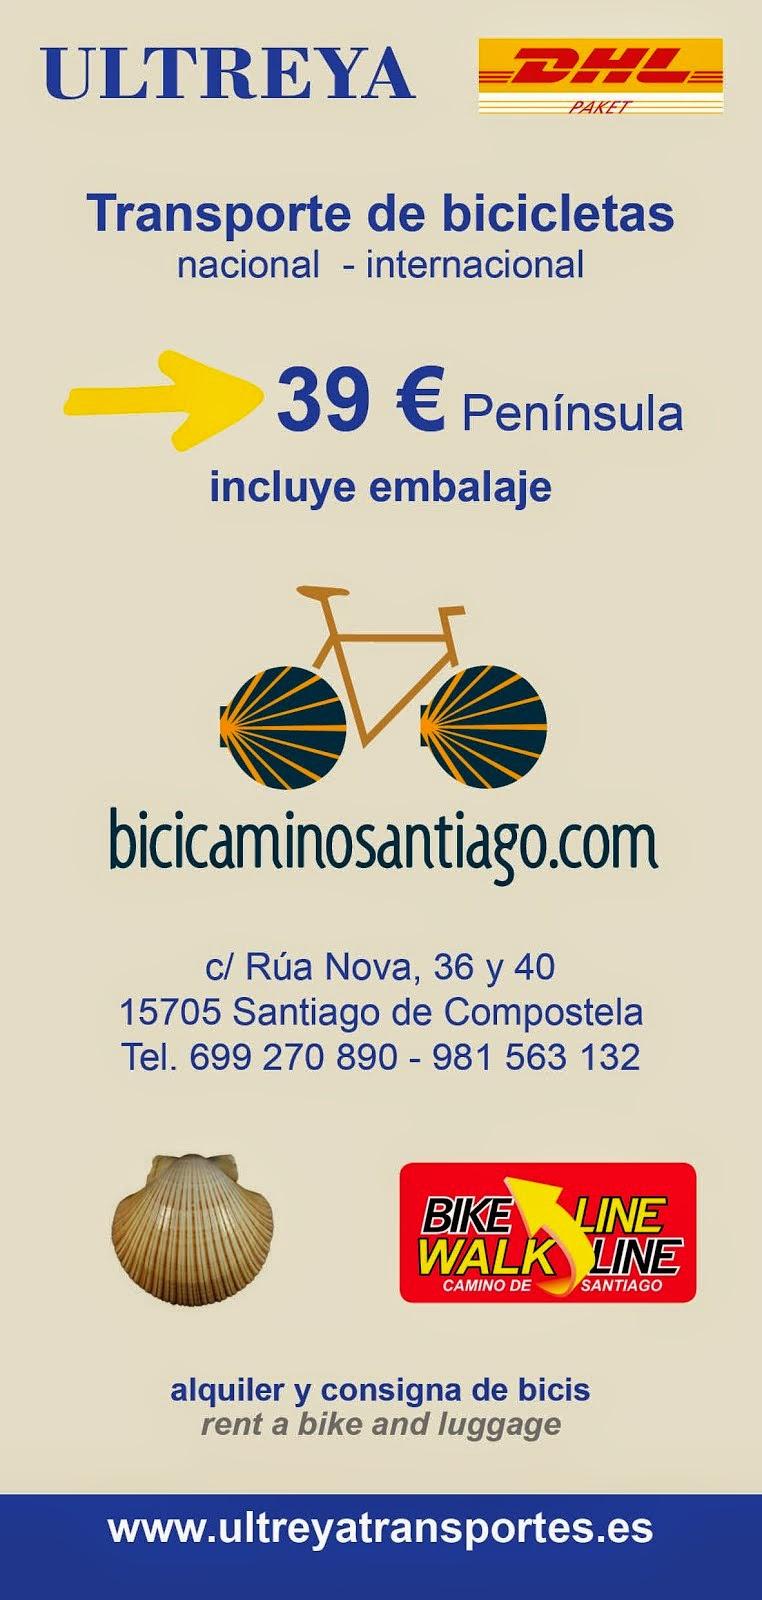 TRANSPORTE DE BICICLETA